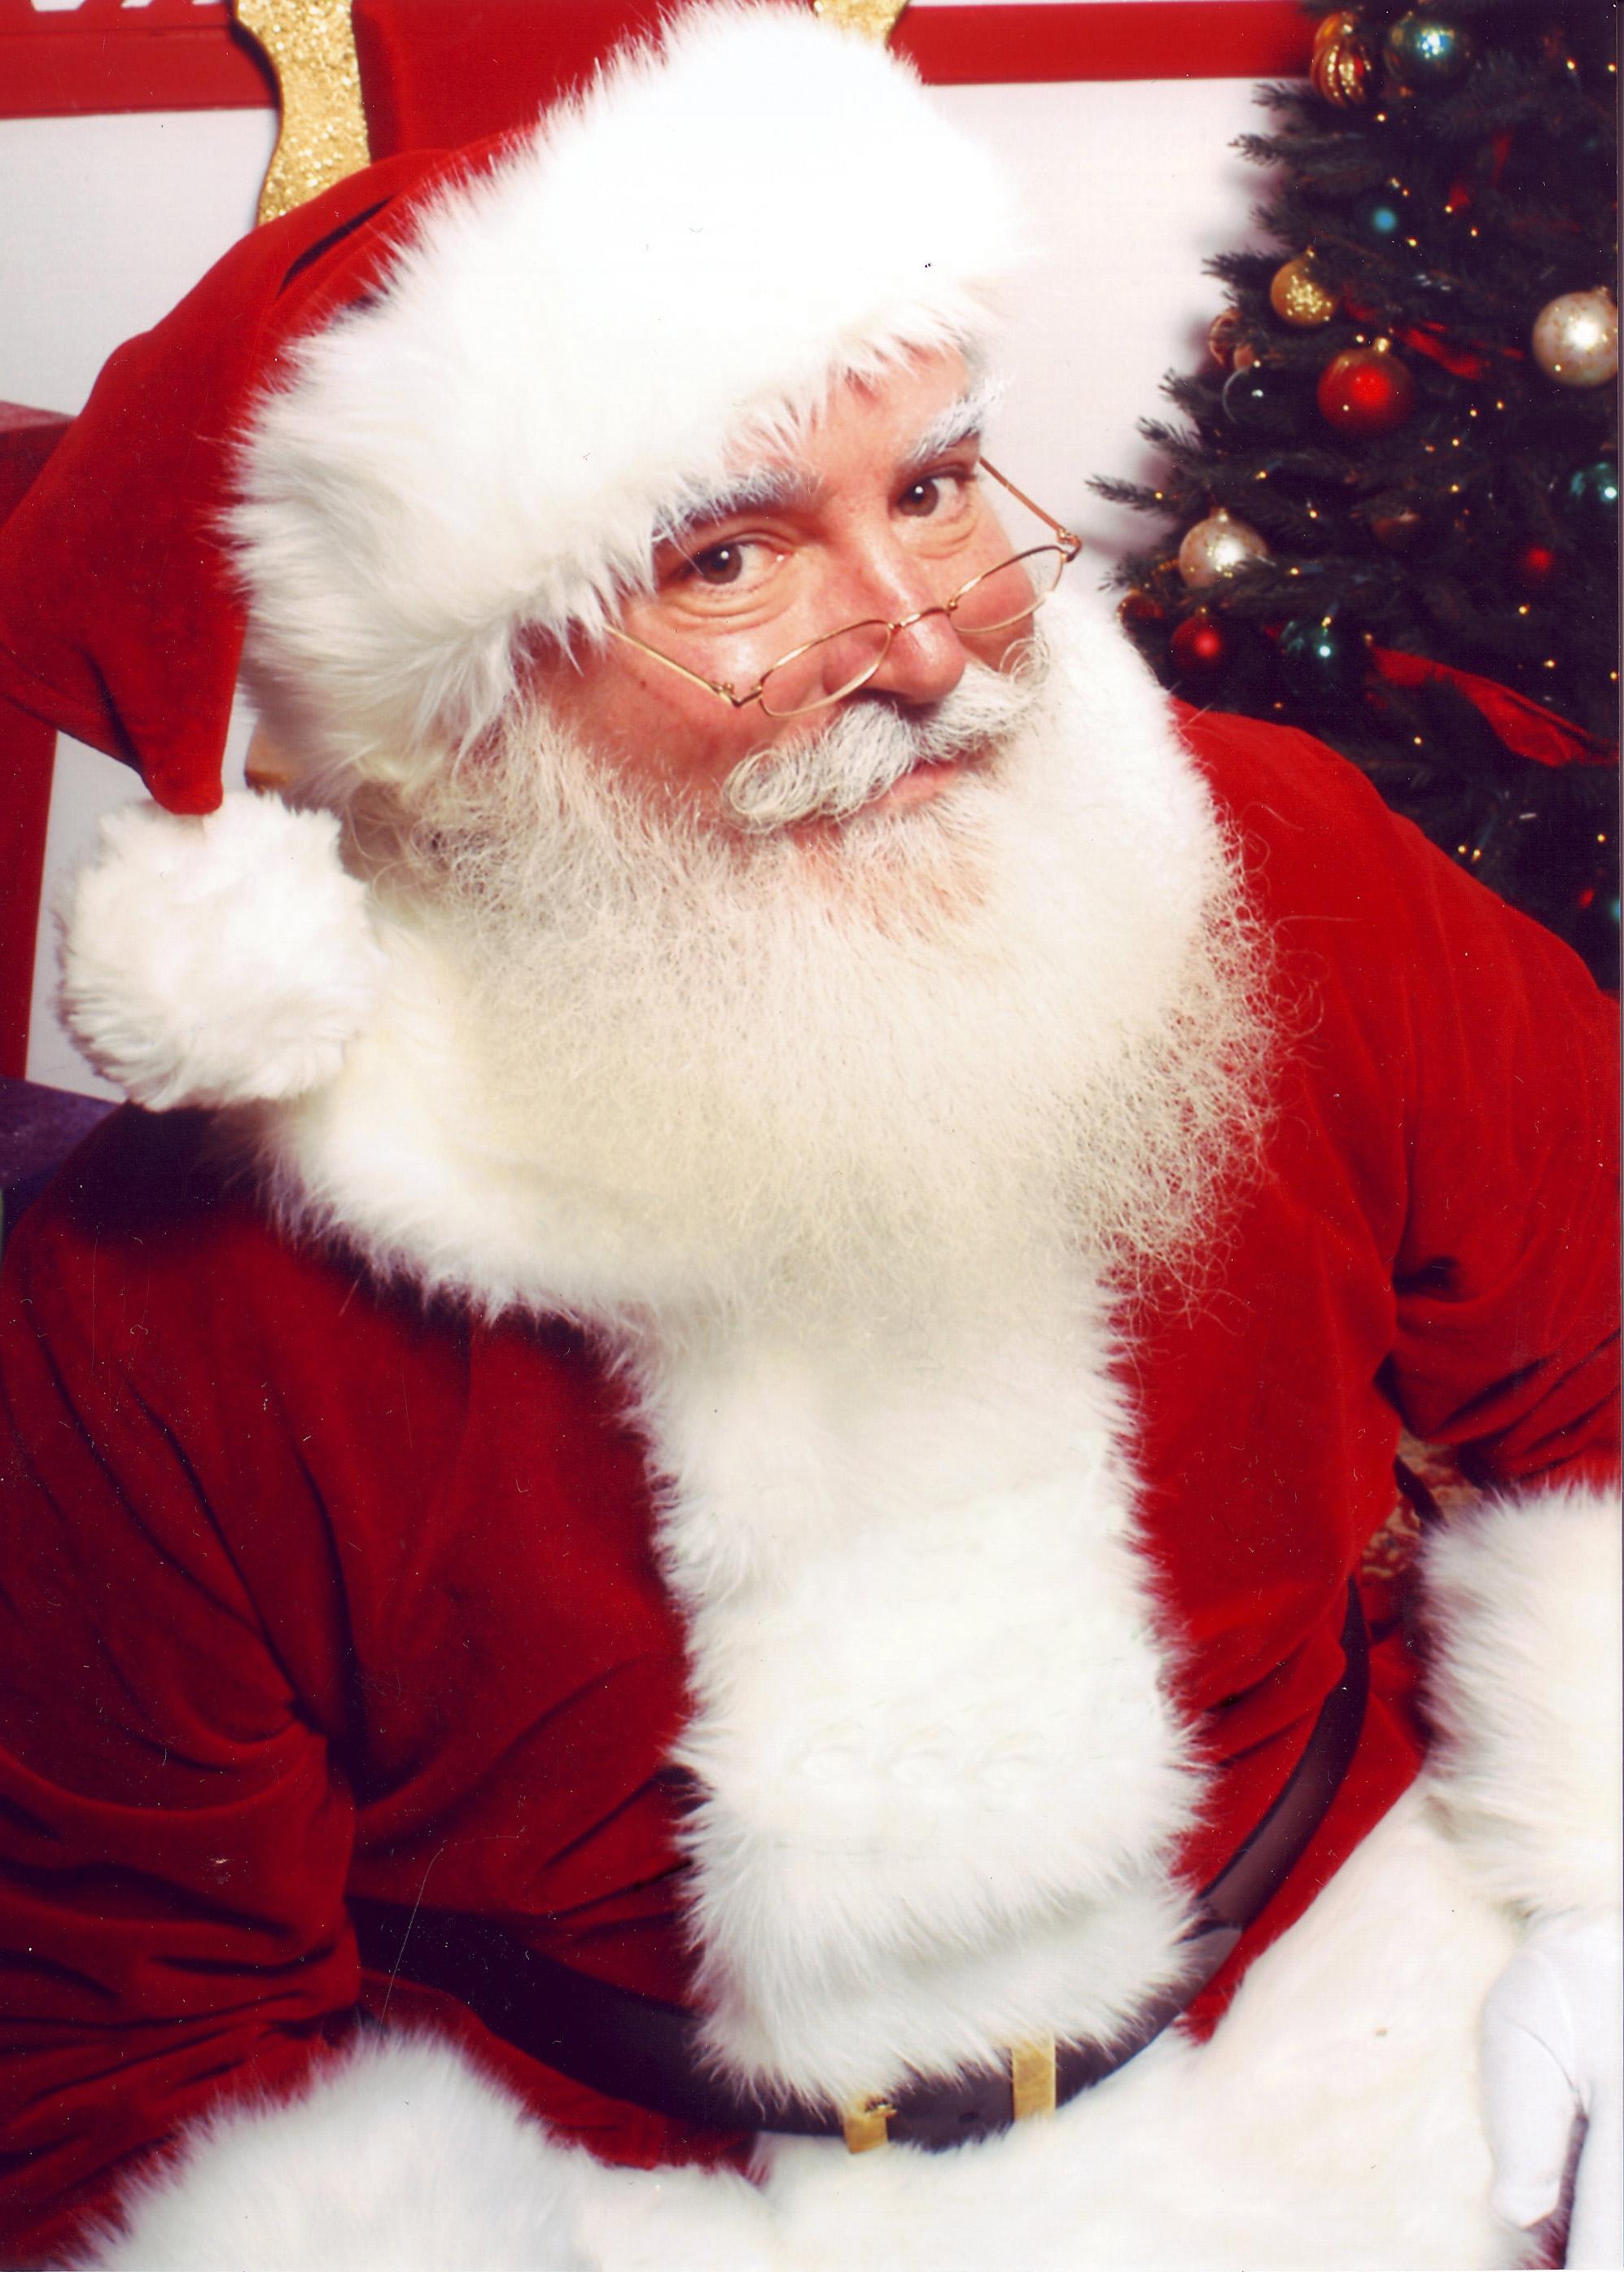 Ou Habite Le Pere Noel : habite, Père, Noël, Wikipédia